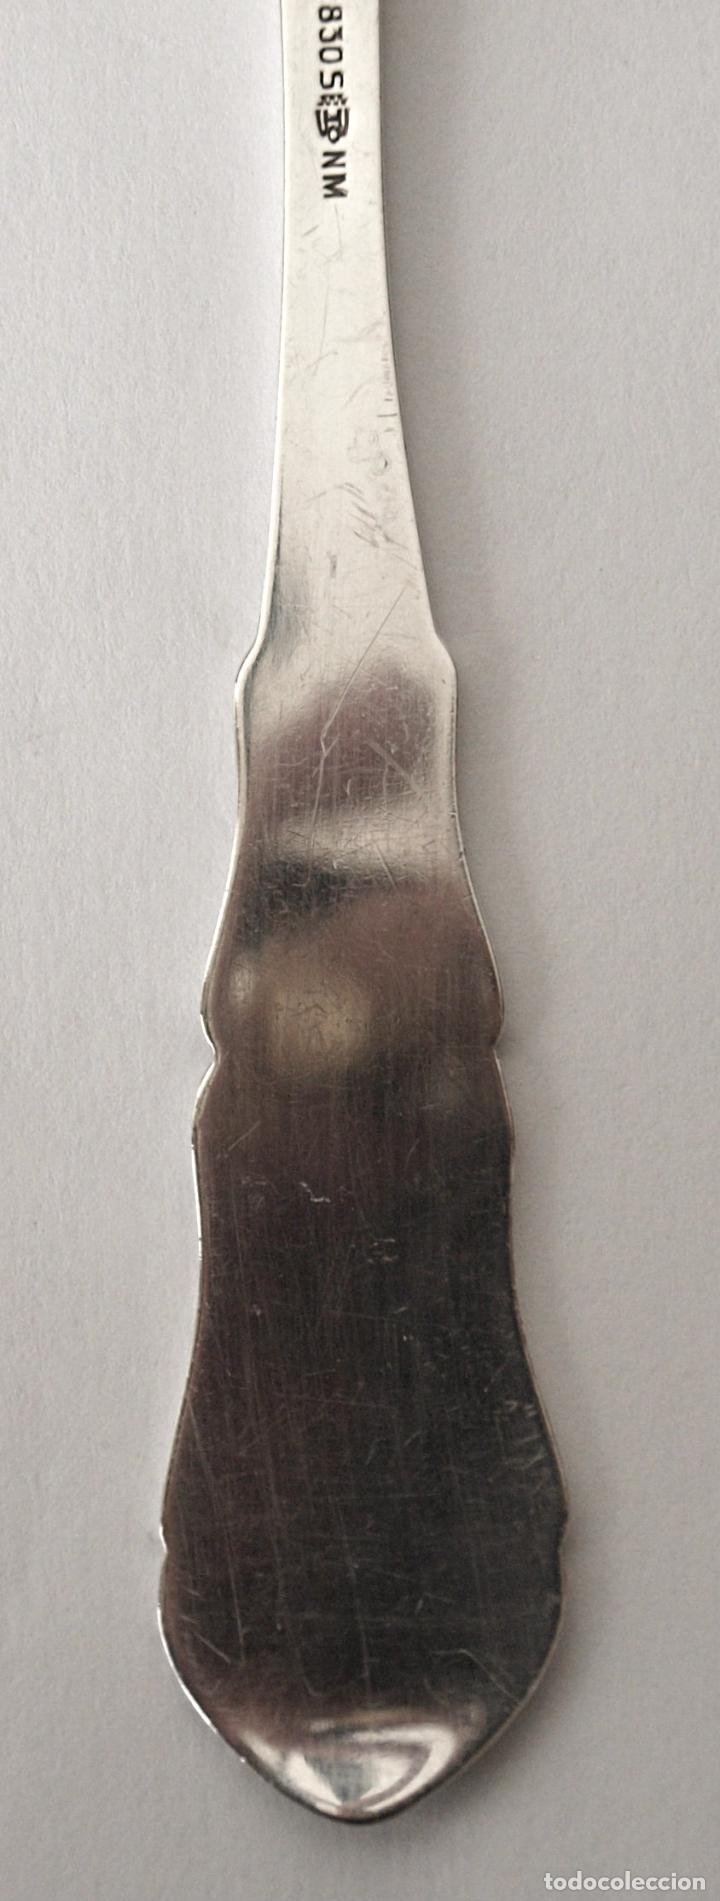 Antigüedades: CUCHARA SOPERA DE PLATA DE LEY CONTRASTADA 830. 37 GRAMOS. 18,5 CM LARGO.VER FOTOS Y DESCRIPCION - Foto 8 - 120972603